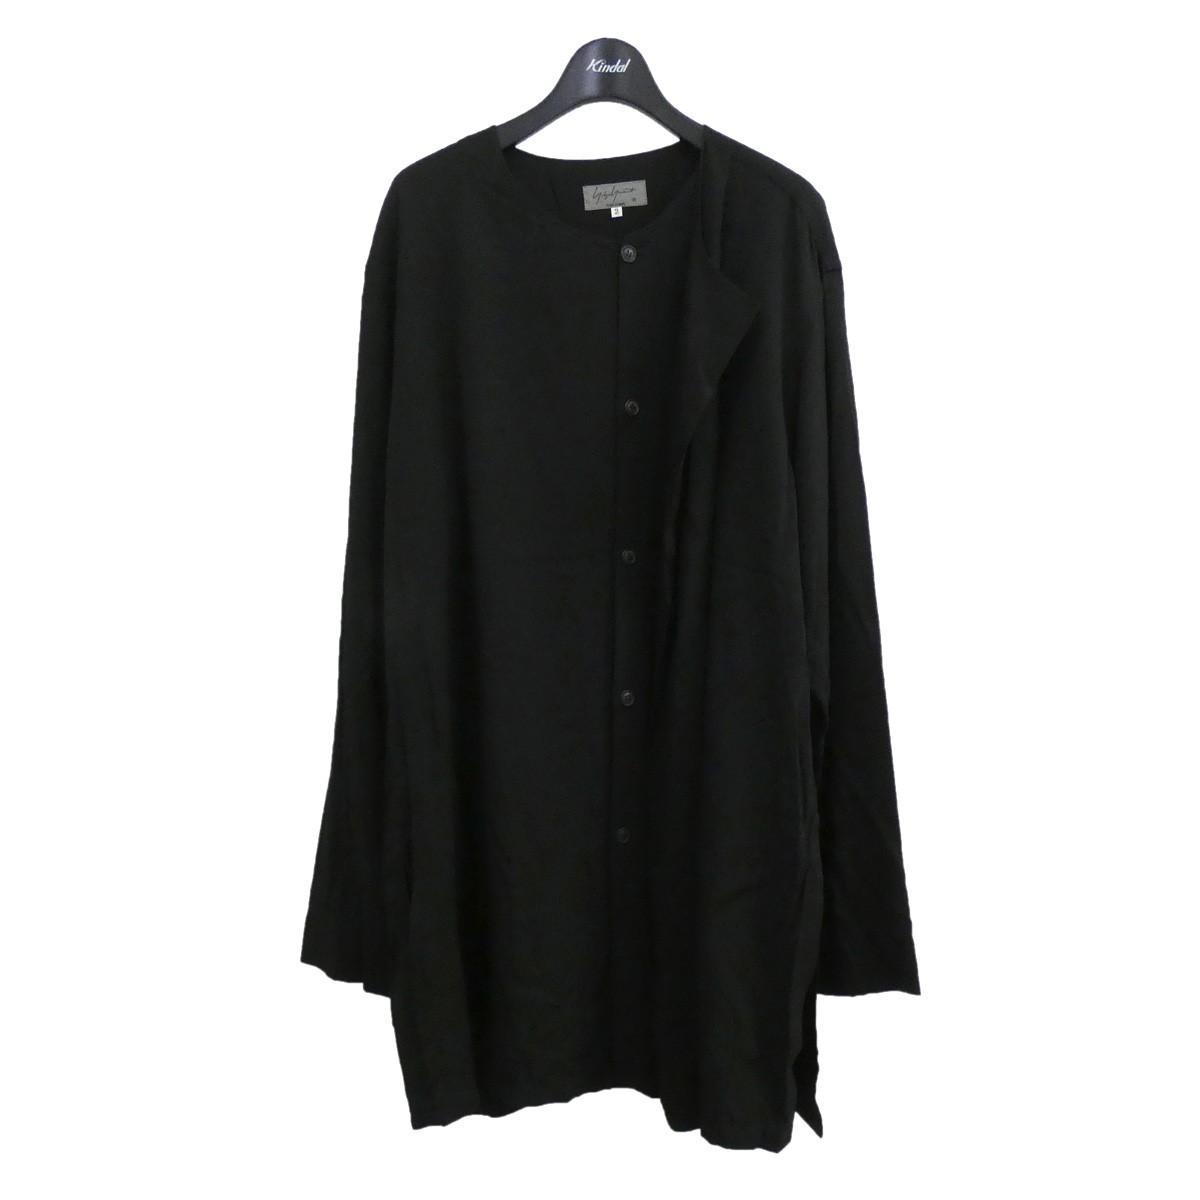 トップス, カジュアルシャツ YOHJI YAMAMOTO pour homme 17SS 2 100921